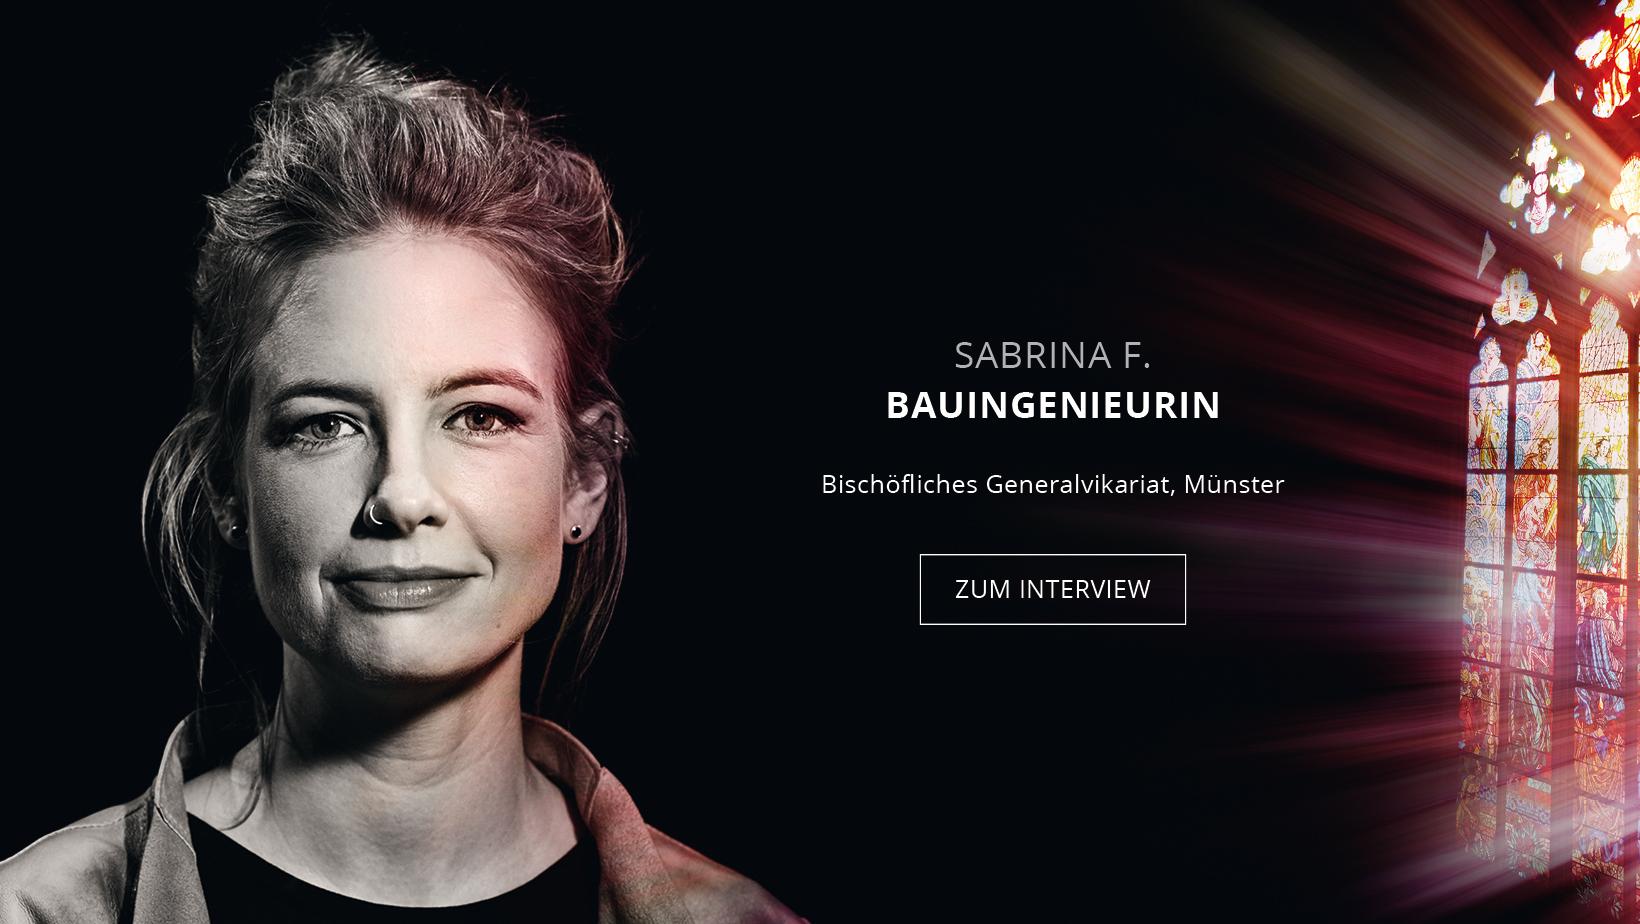 Bauingenieurin Sabrina Friedrich